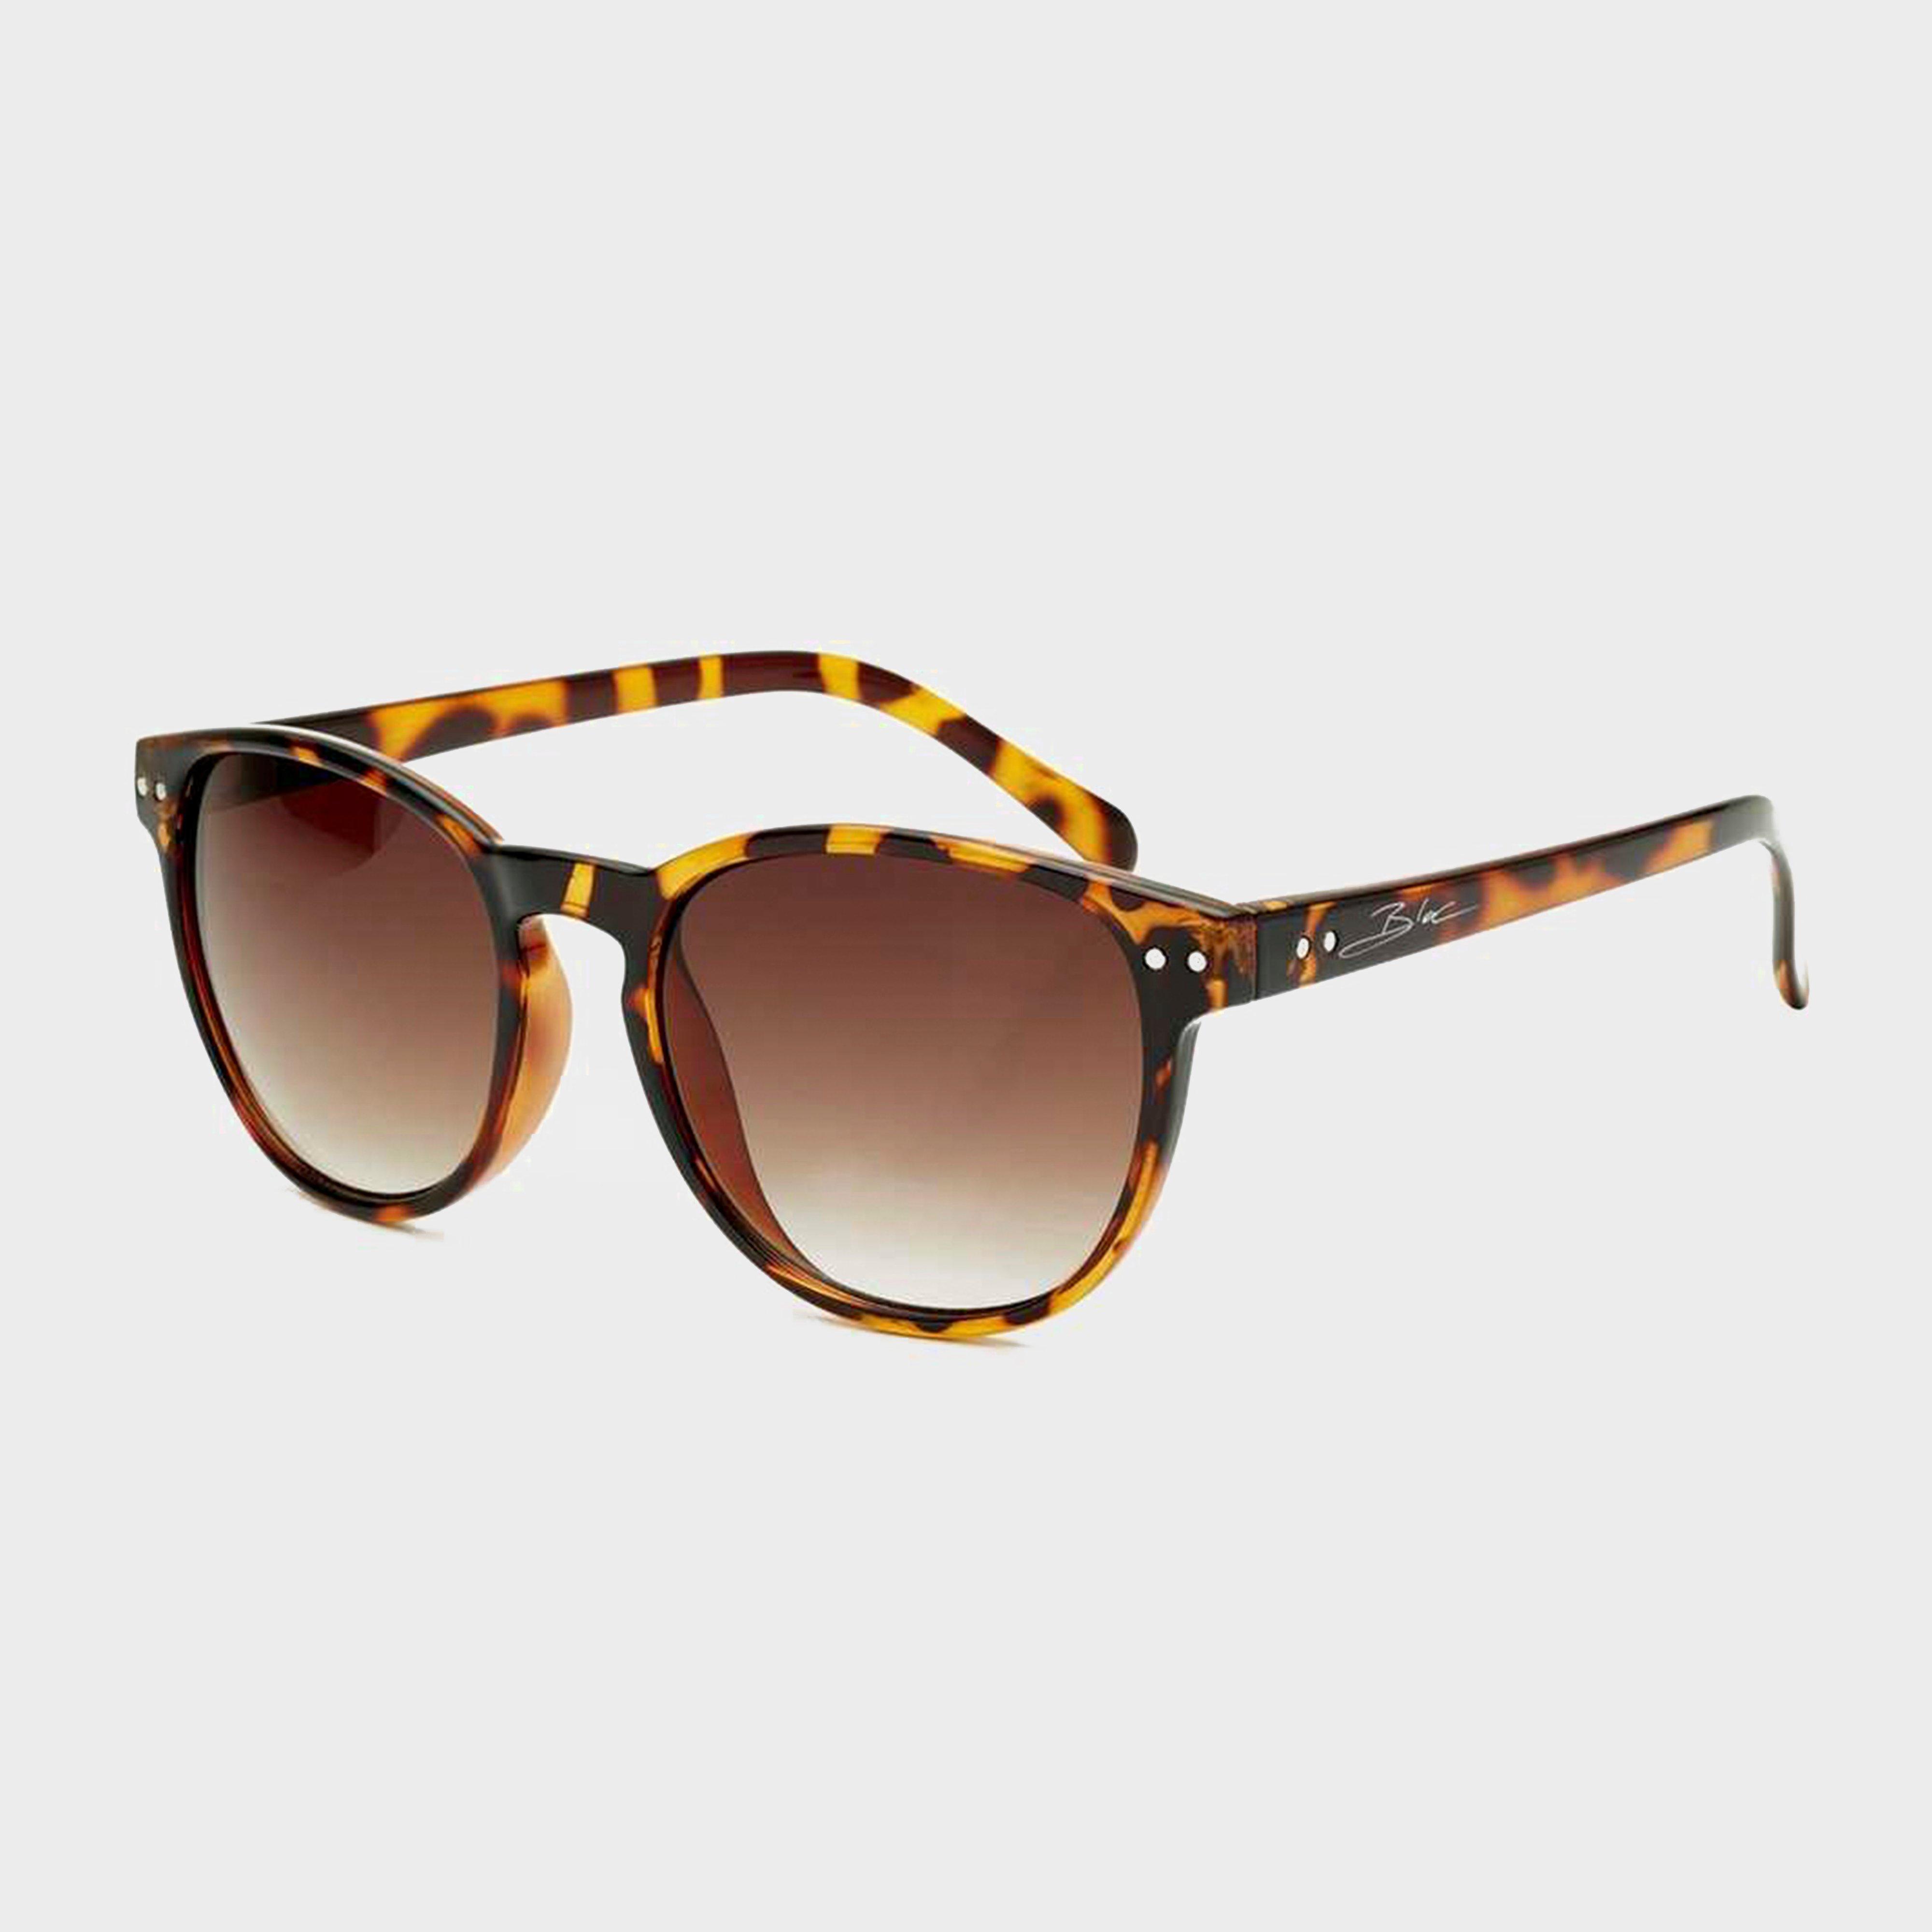 Bloc Jasmin Ff1 Sunglasses - Brown  Brown